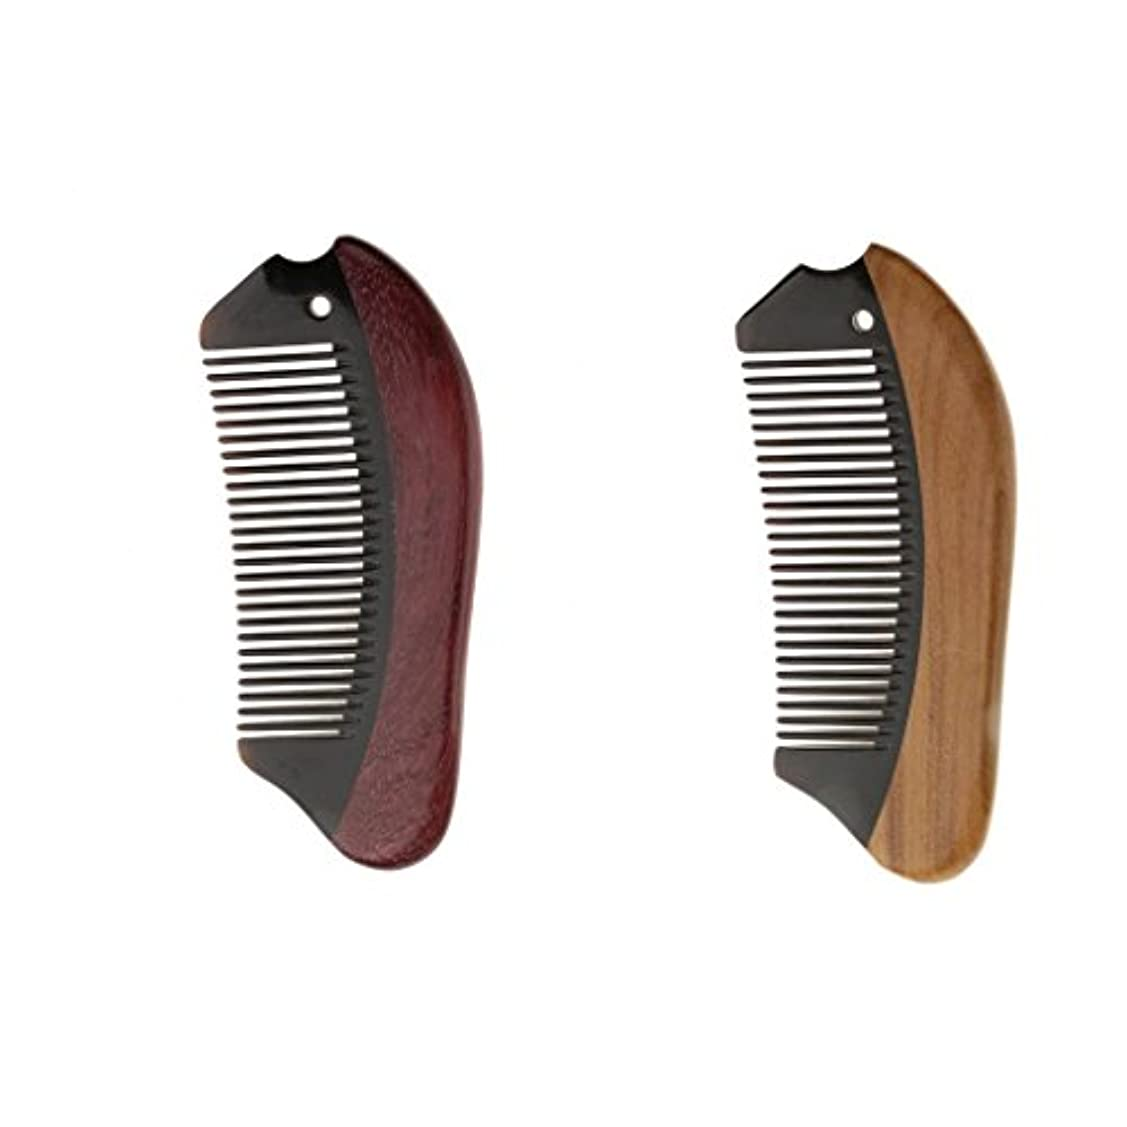 そよ風衝突土砂降りKOZEEY 2個 木製 櫛 コーム ヘアダイコーム ブラシ 静電気防止 マッサージ 滑らか 快適